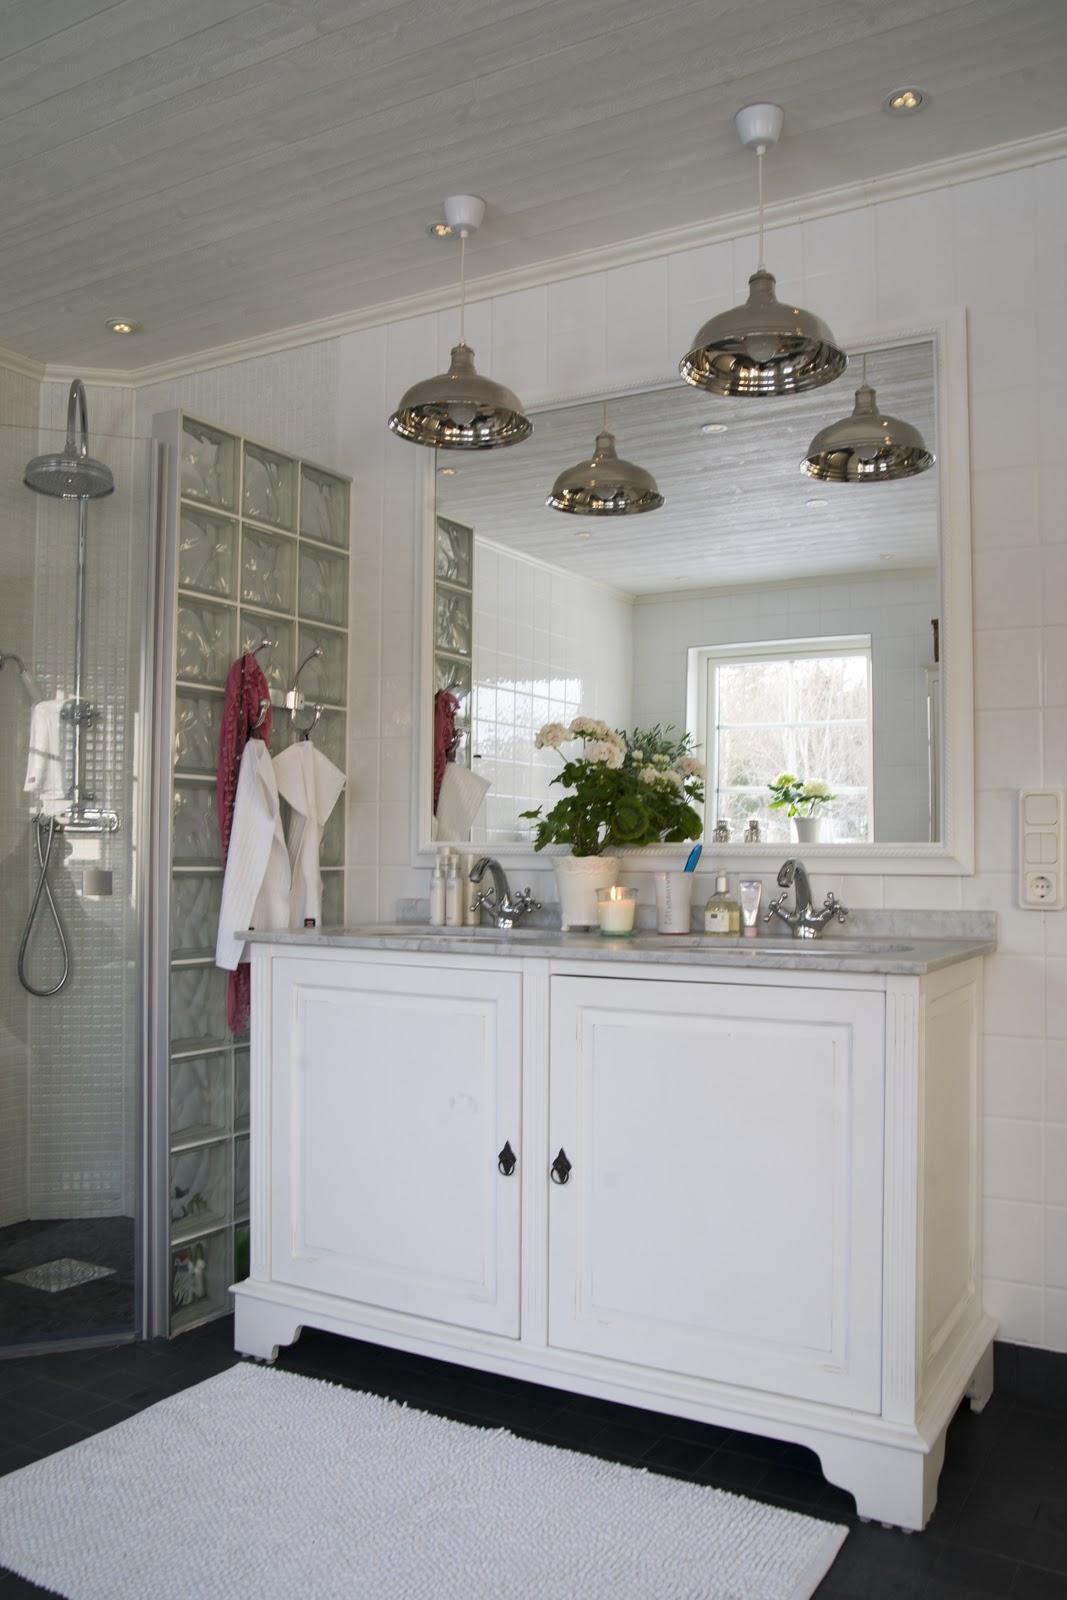 Badrum och tvättstuga i ett ~ xellen.com